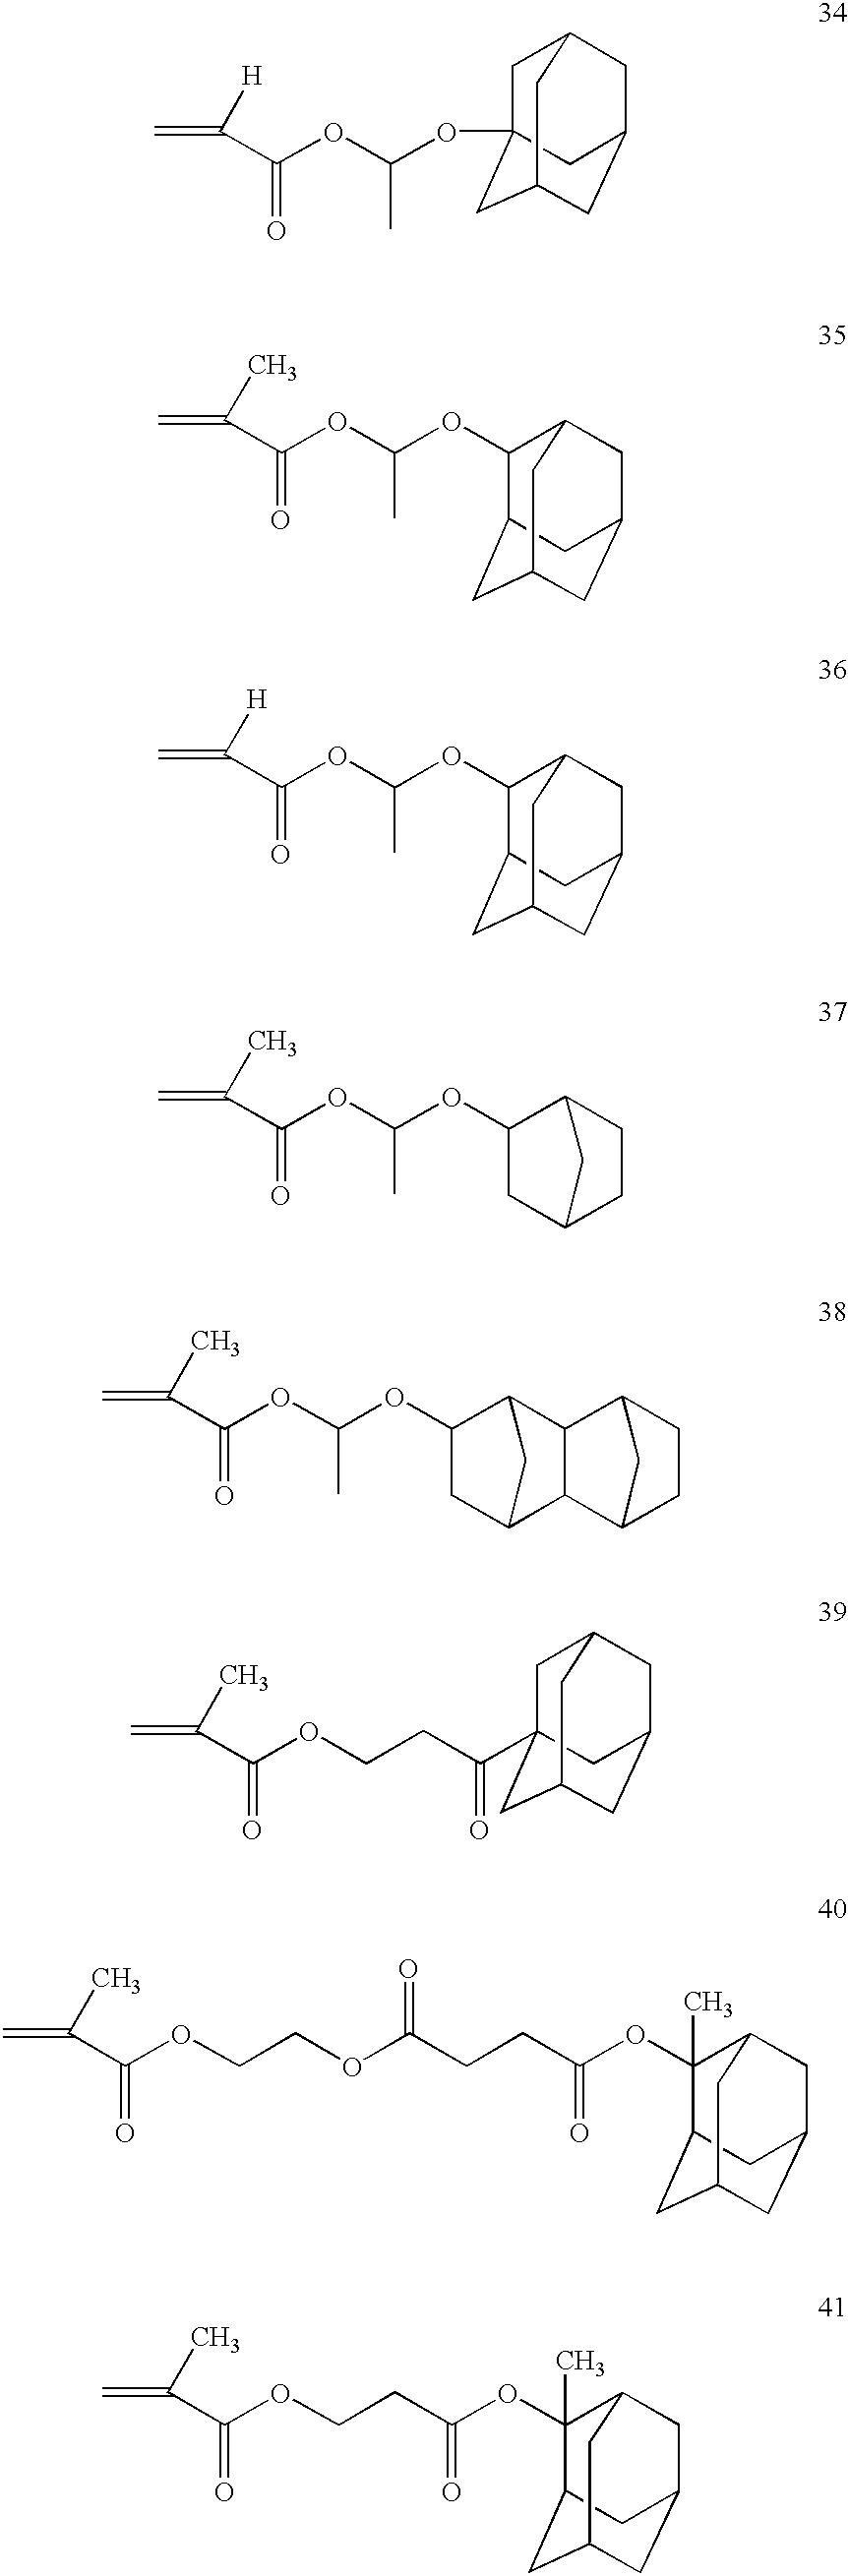 Figure US06596458-20030722-C00037